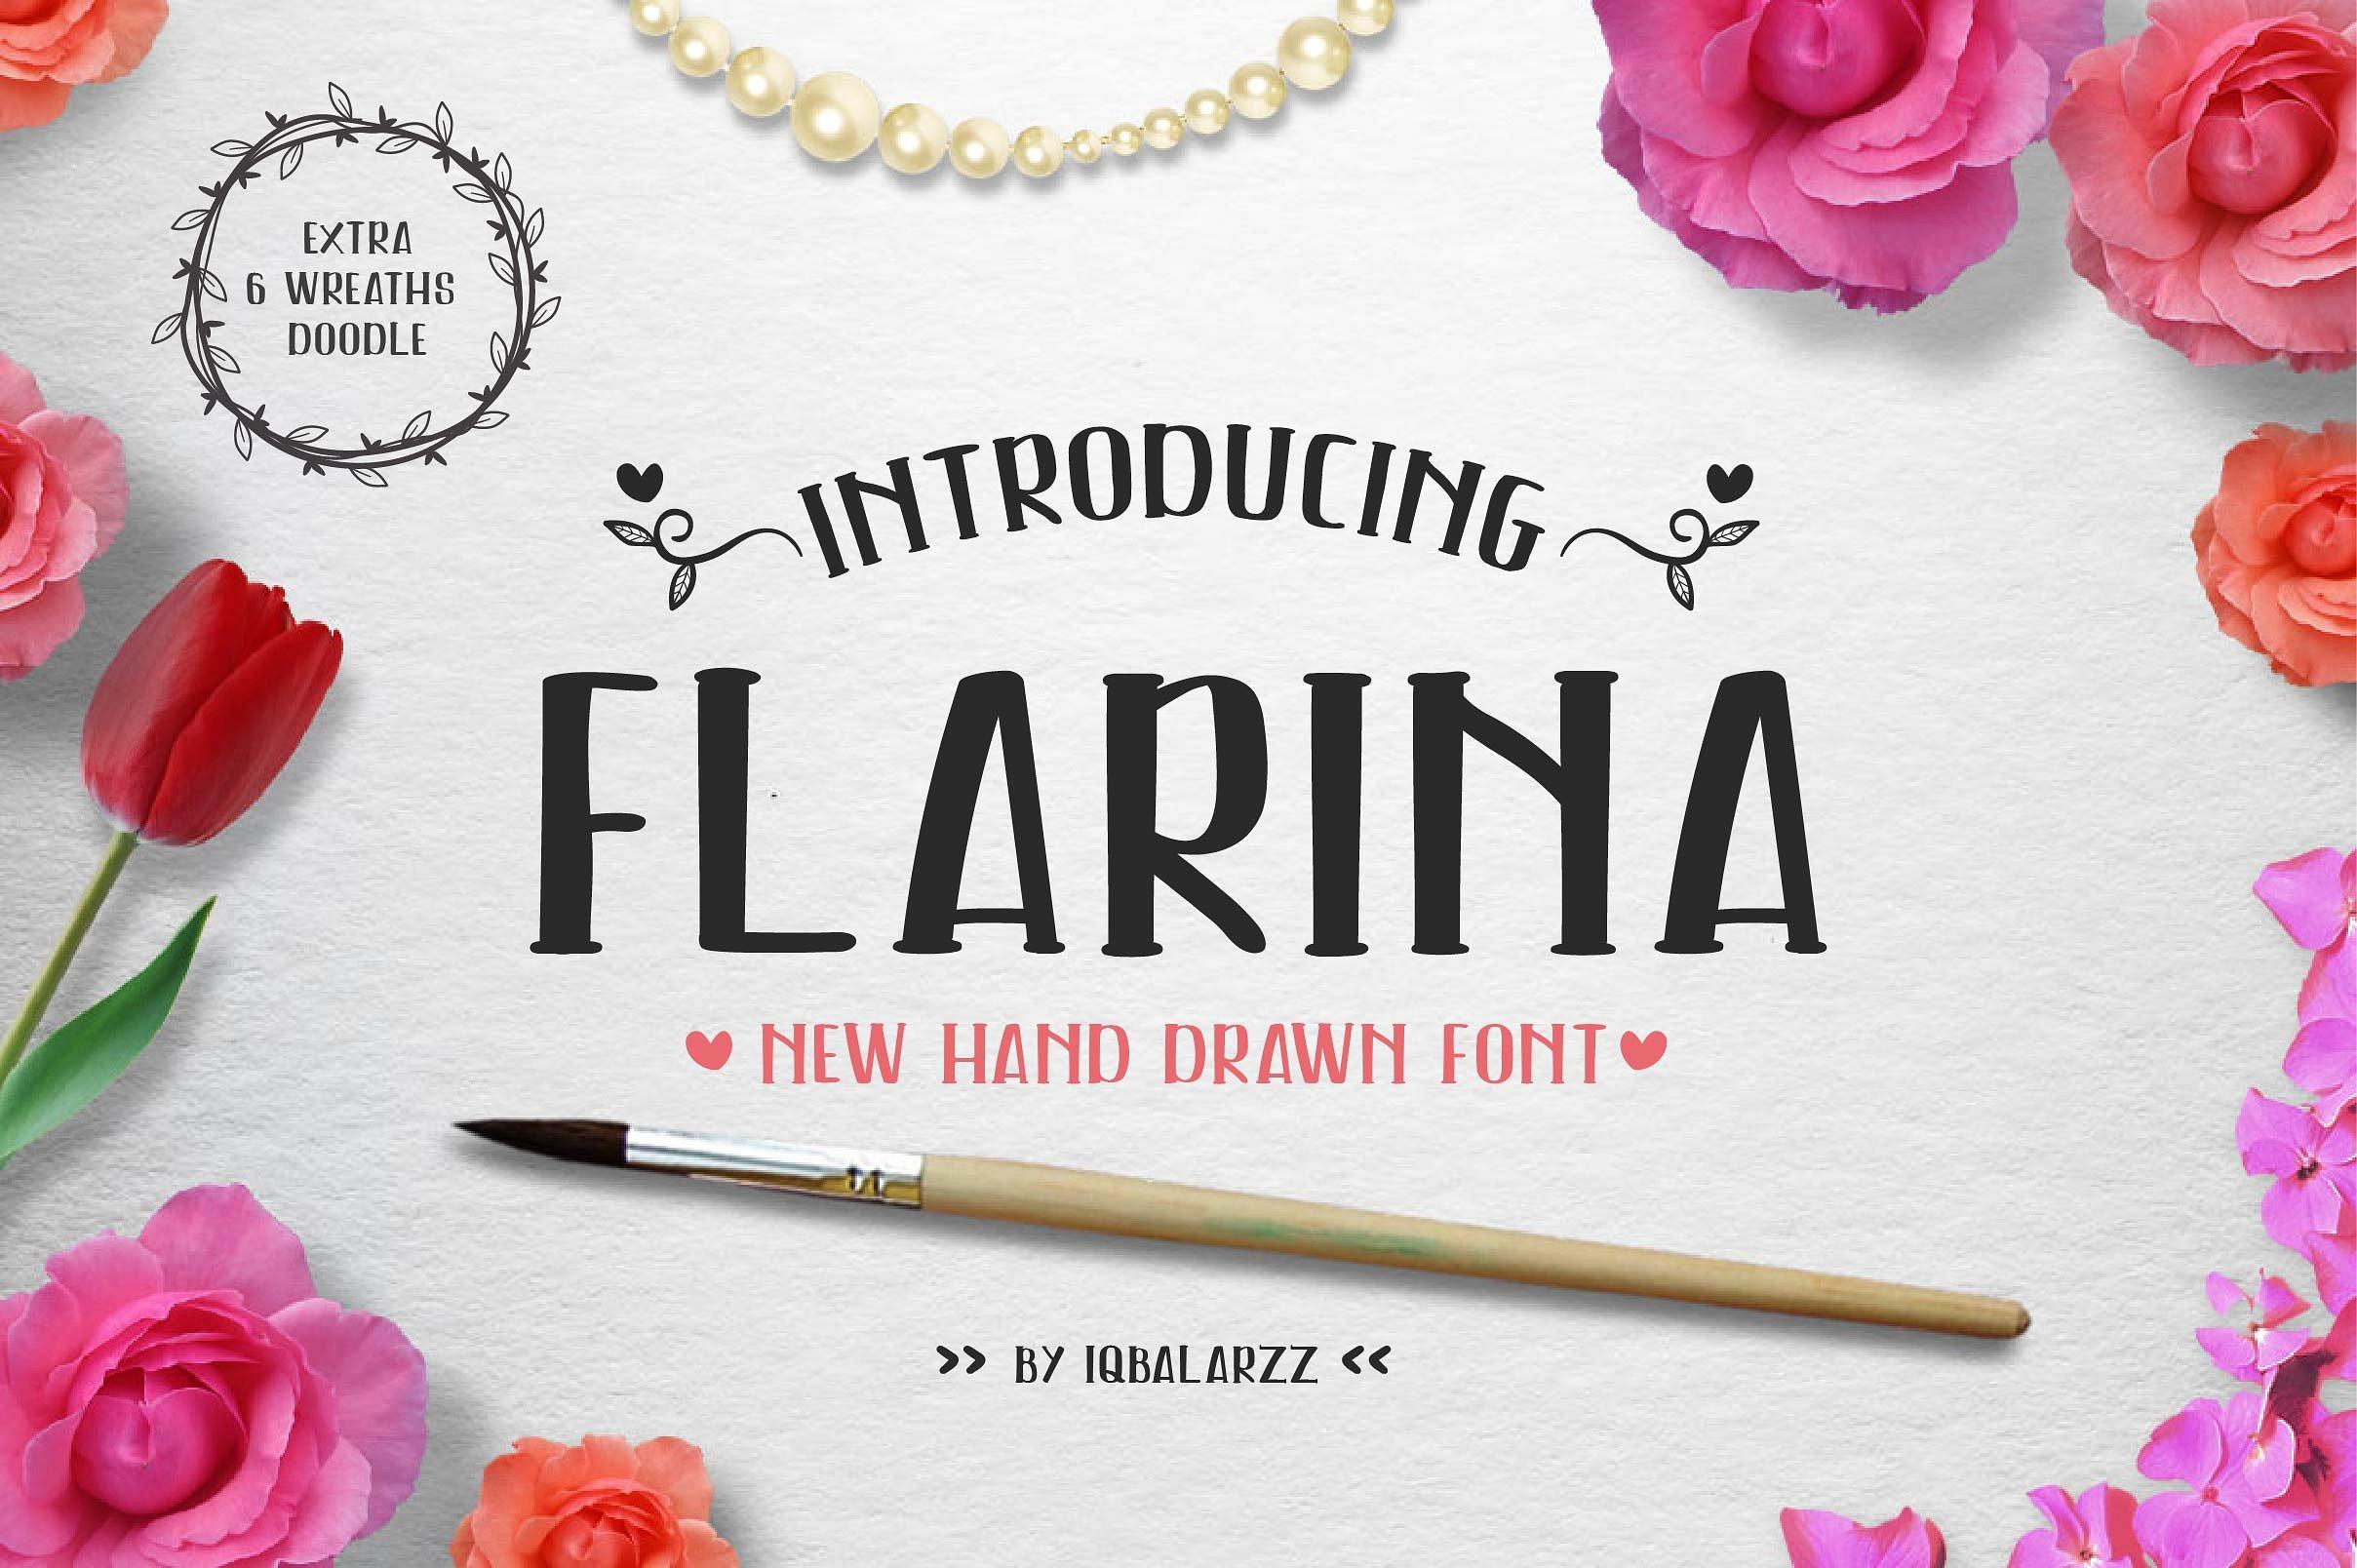 Flarina手写手绘英文字体下载